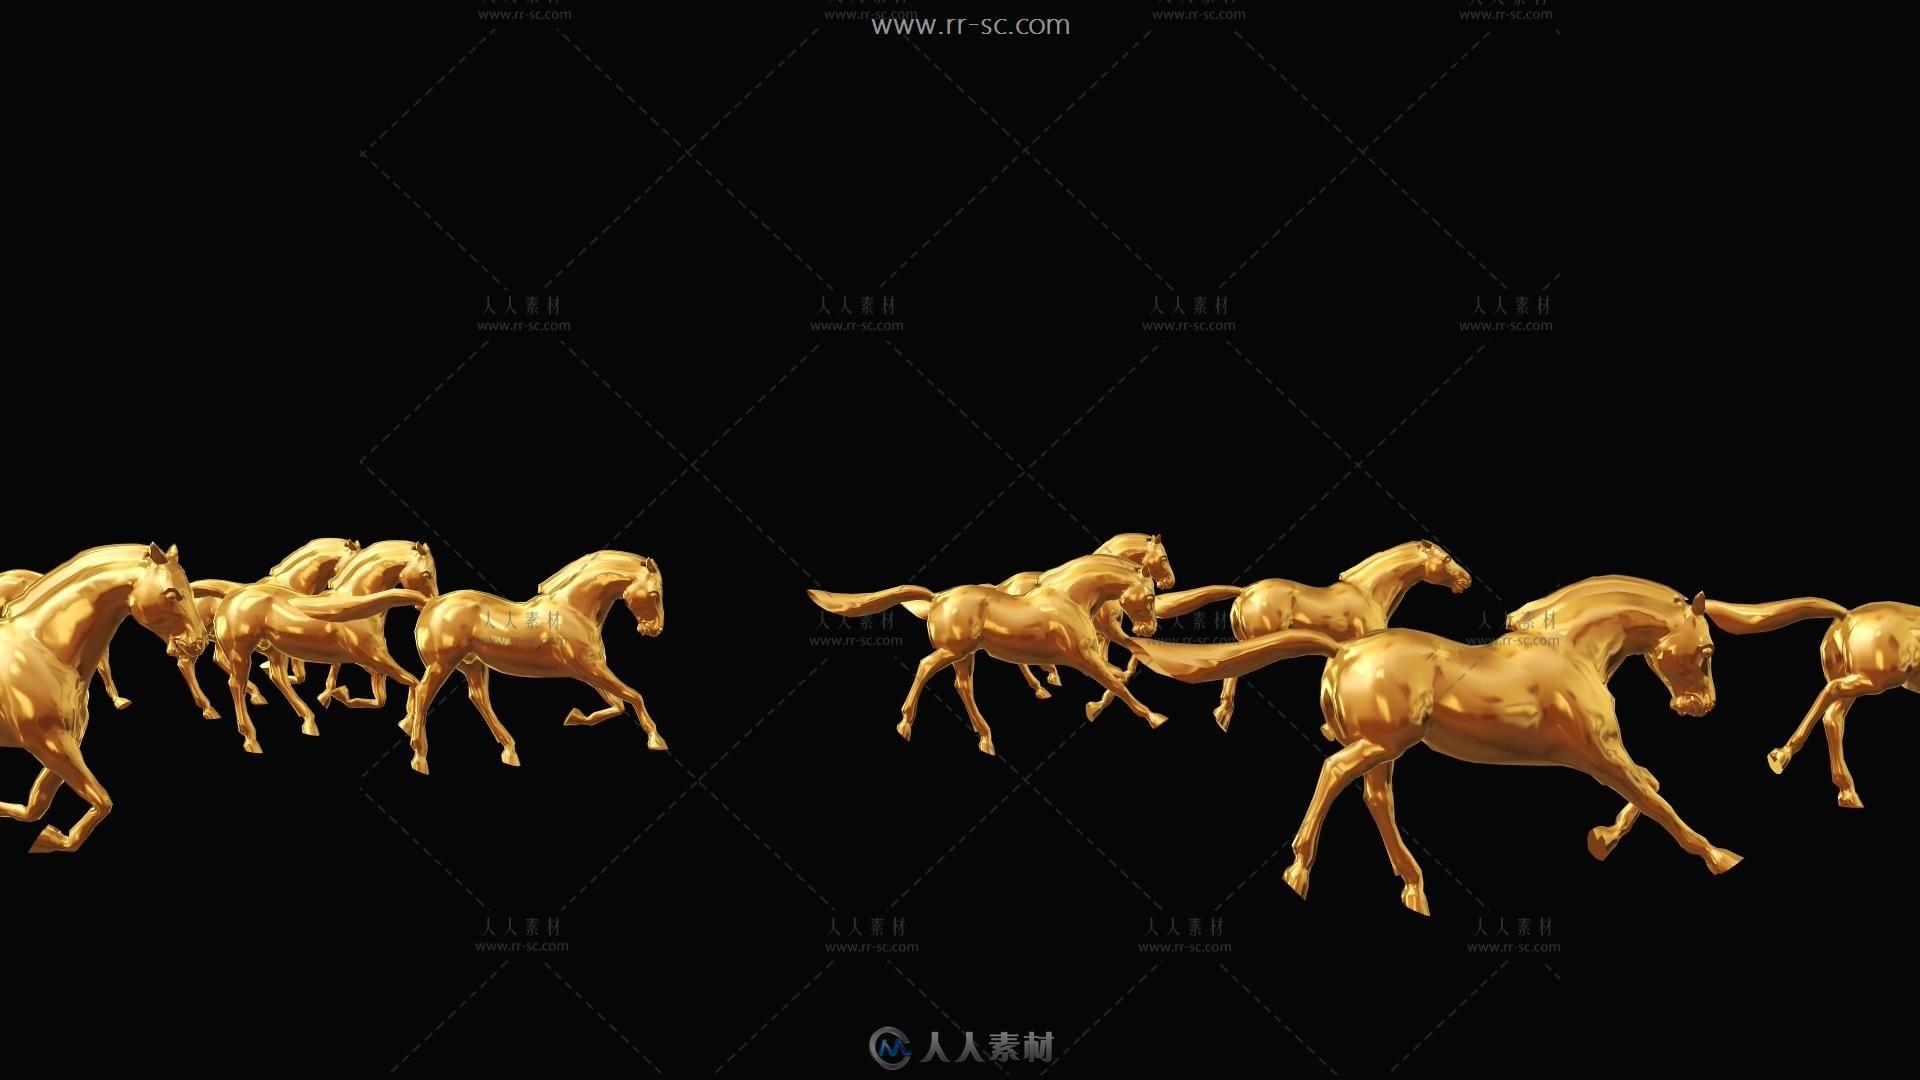 金色镀金马匹奔跑背景视频素材(带通道)